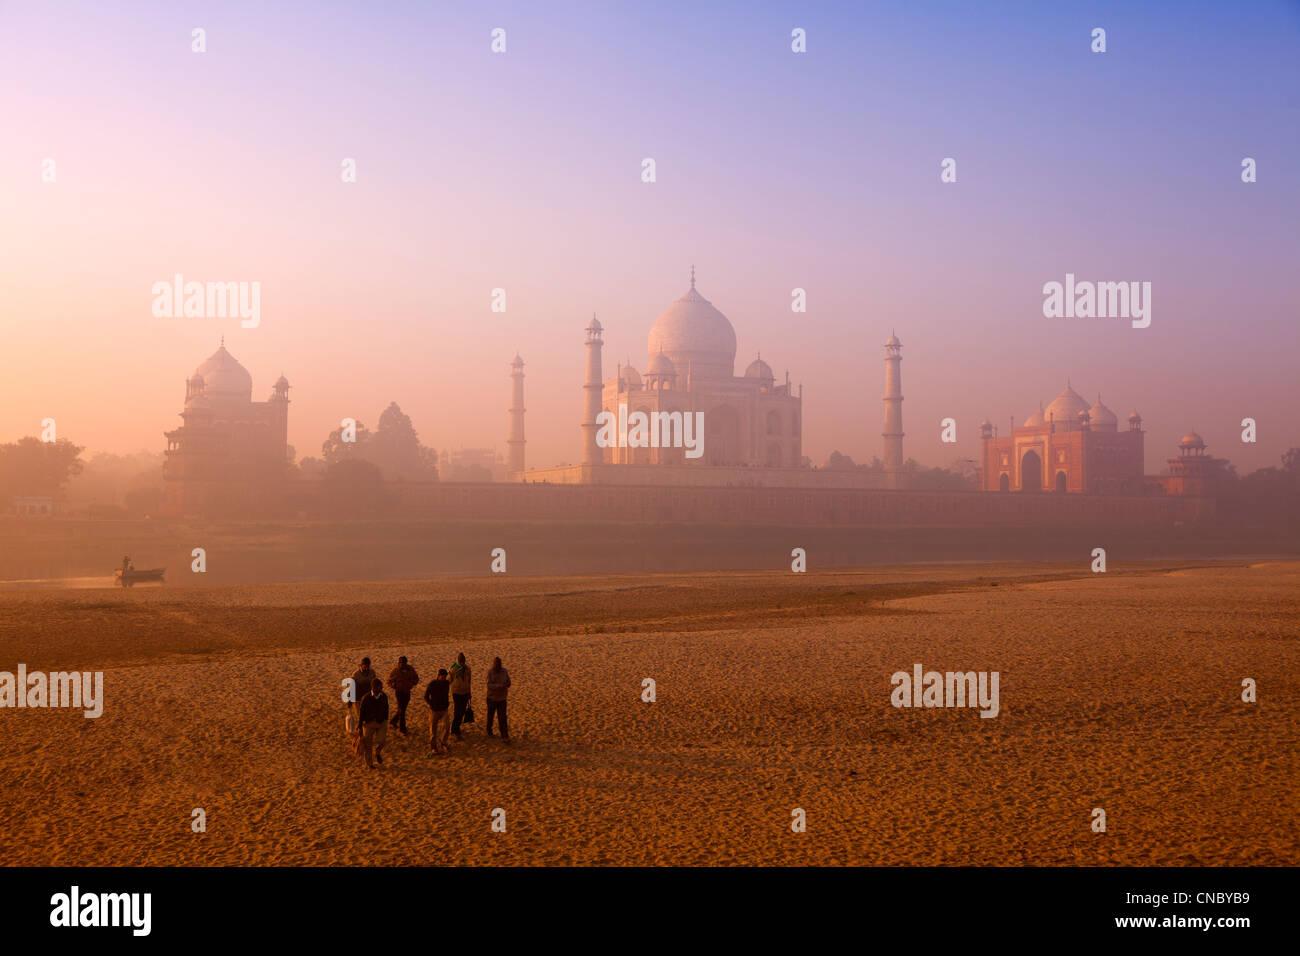 India, Uttar Pradesh, Agra il Taj Mahal lavoratori attraversando essiccato fino fiume Yamuna a sunrise Immagini Stock